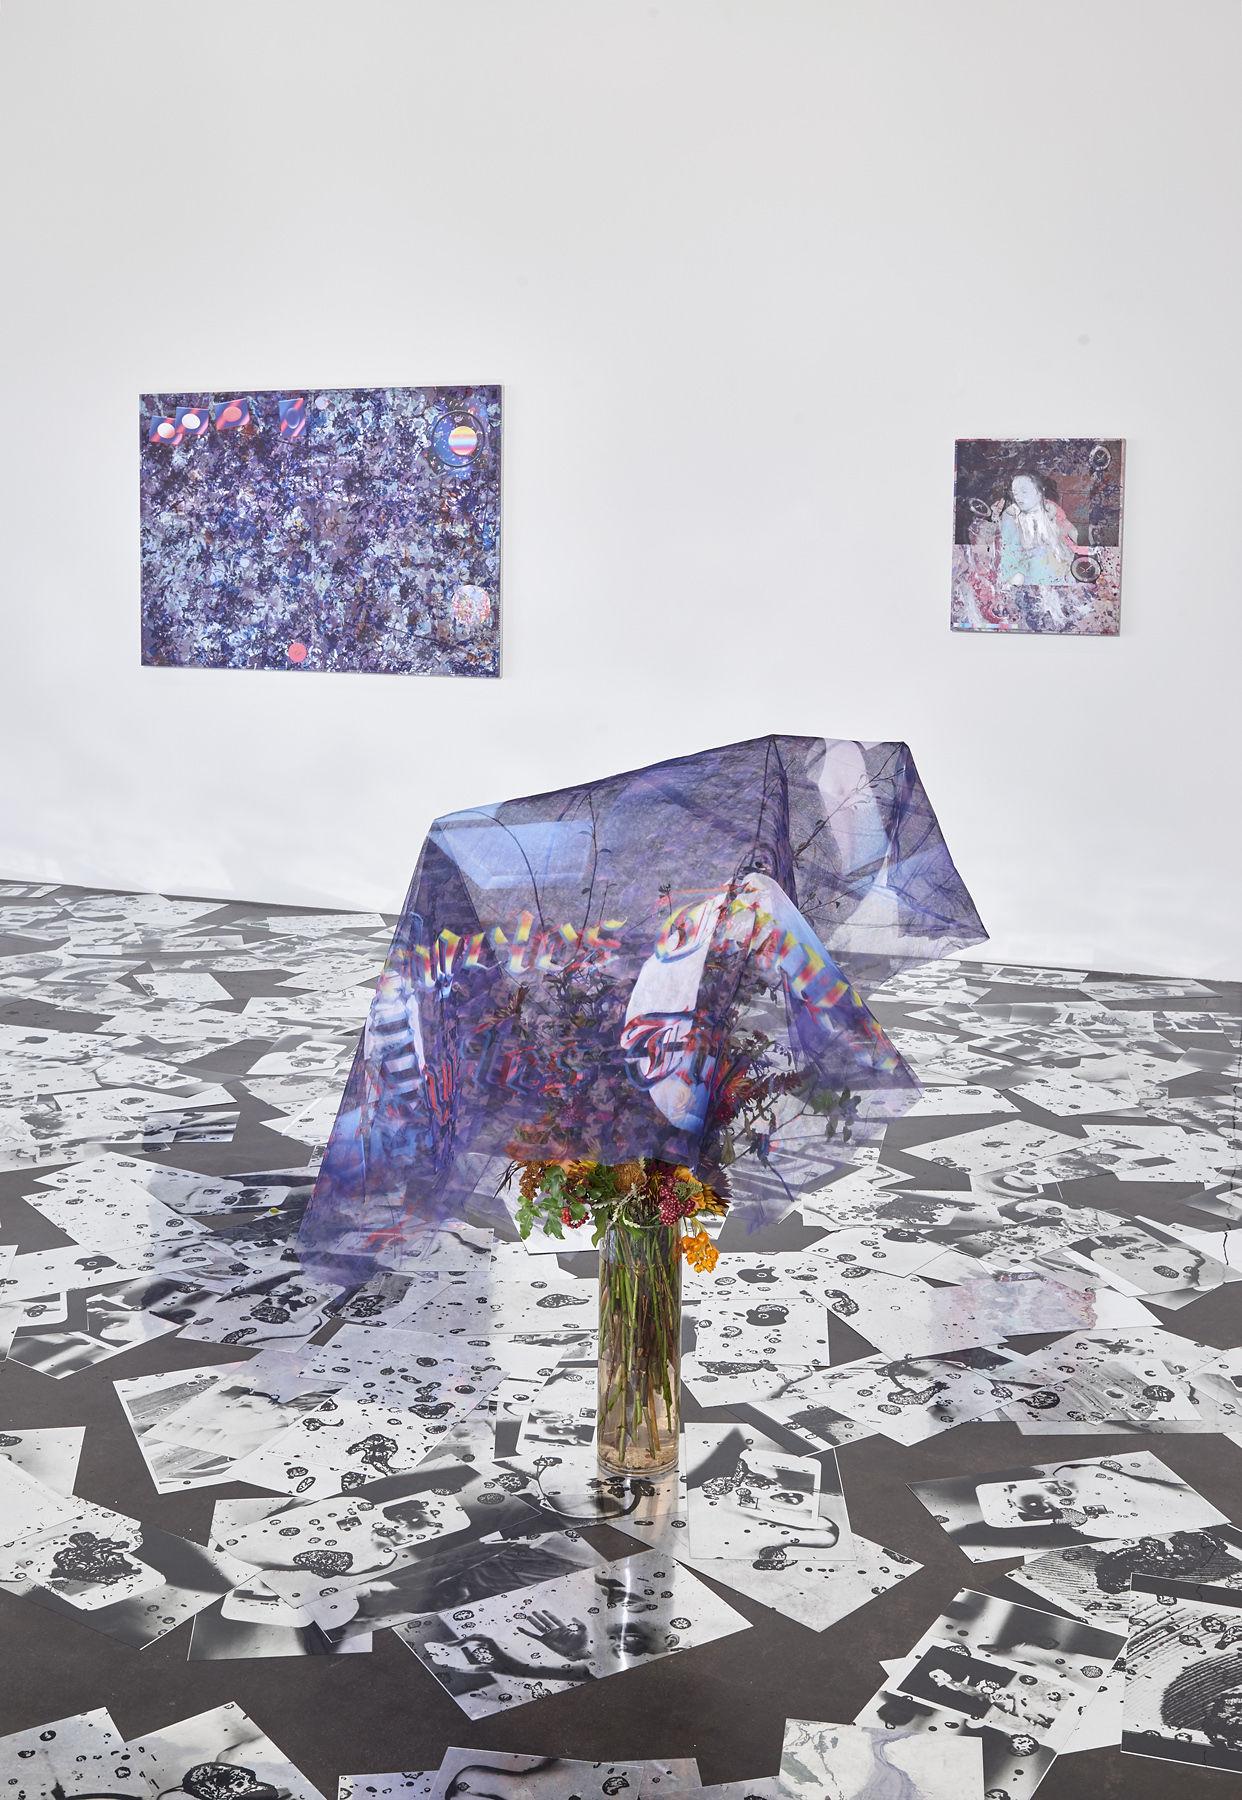 Mull_fused space, Nov 2015_Theoretical Children_Installation view_medium res 6